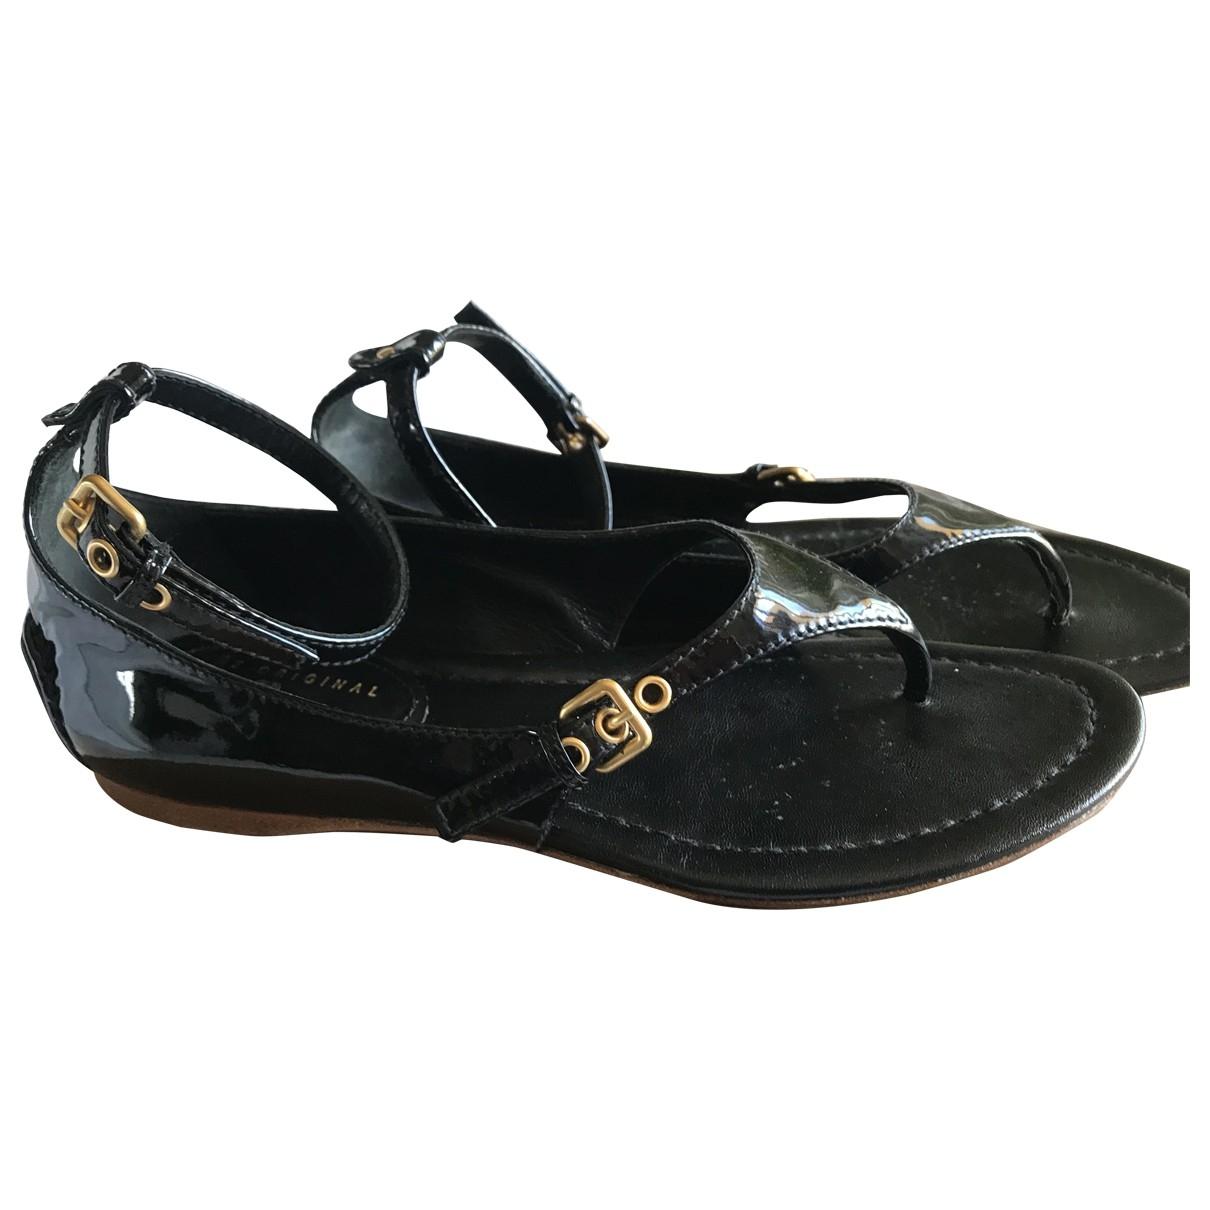 Carshoe - Sandales   pour femme en cuir - noir